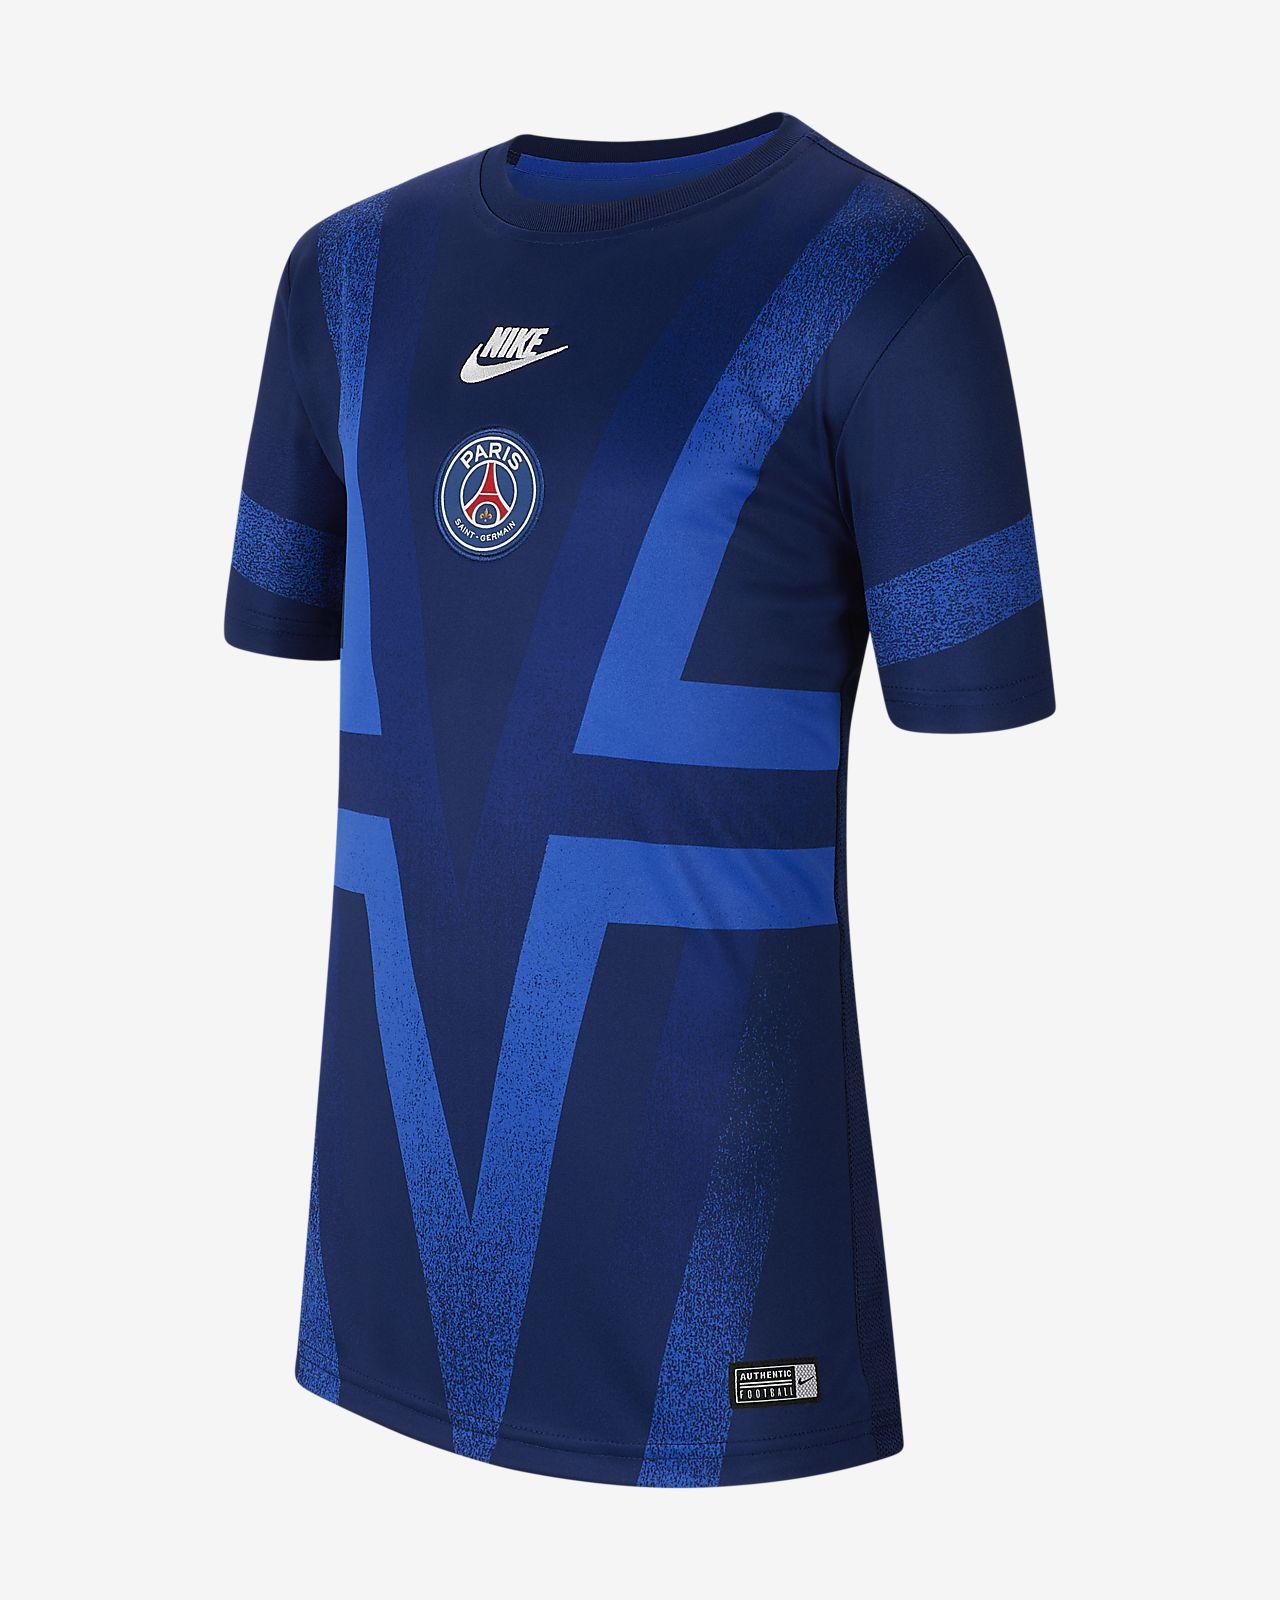 Κοντομάνικη ποδοσφαιρική μπλούζα Paris Saint-Germain για μεγάλα παιδιά